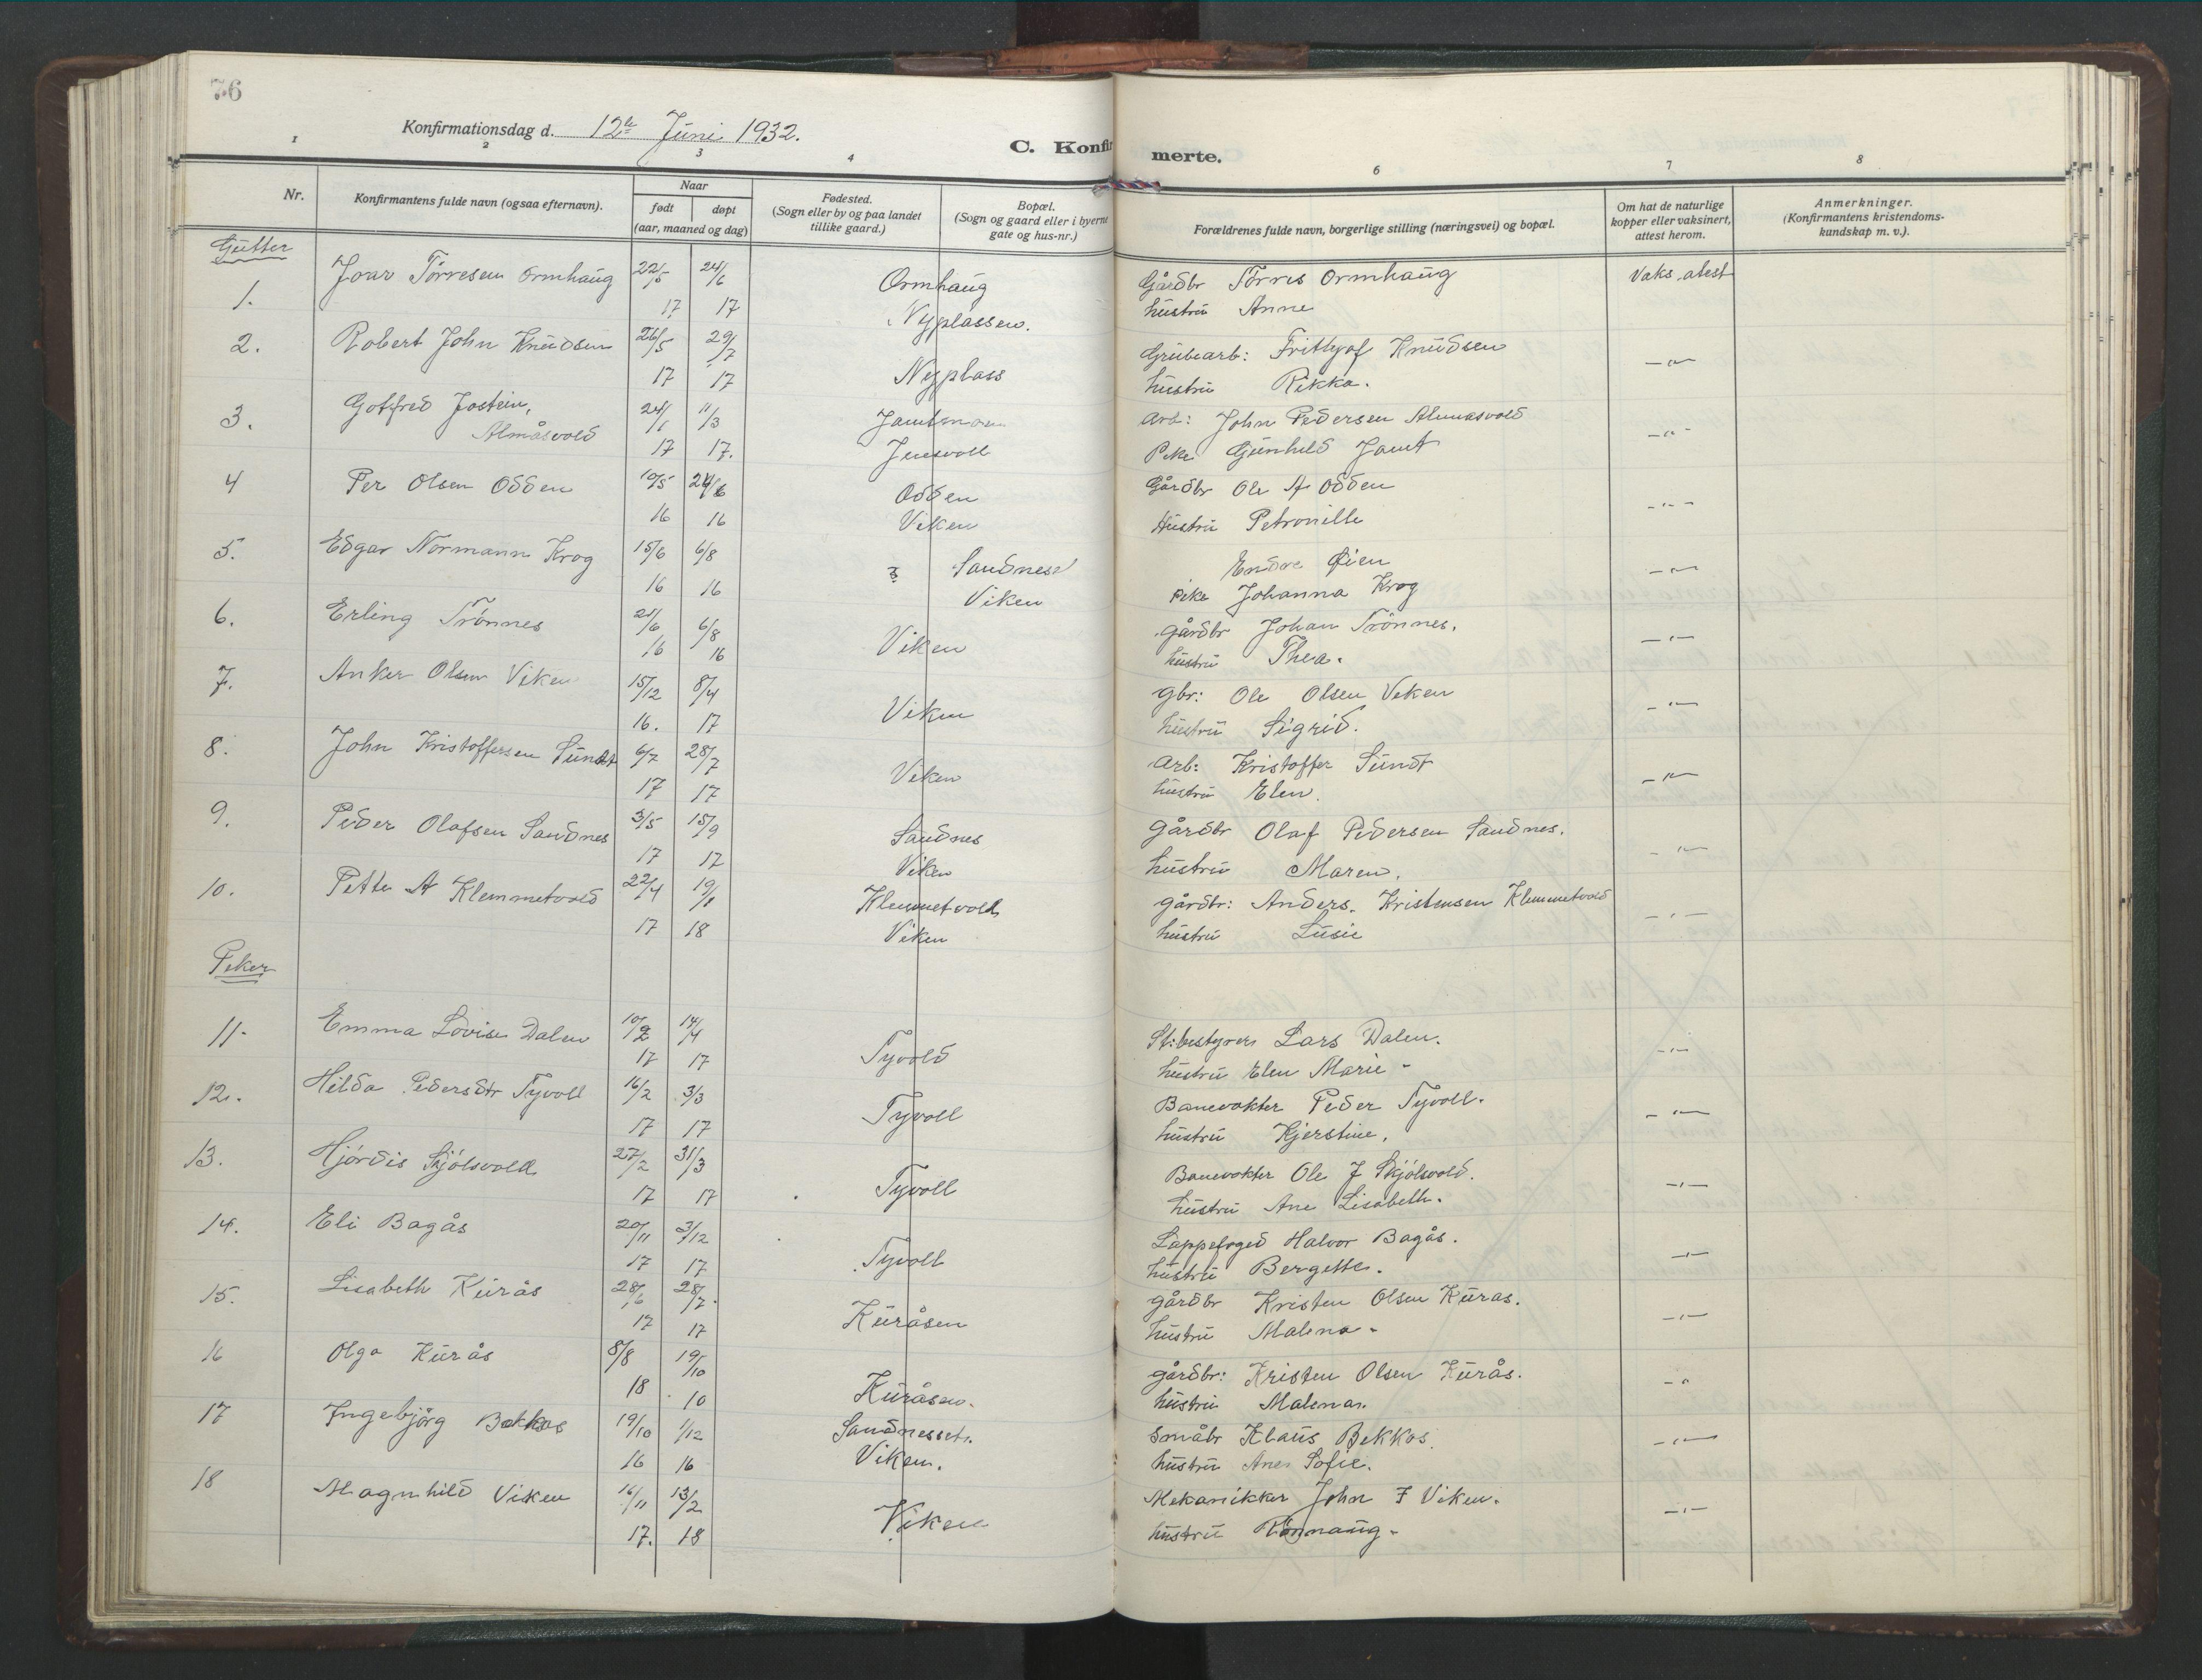 SAT, Ministerialprotokoller, klokkerbøker og fødselsregistre - Sør-Trøndelag, 682/L0947: Klokkerbok nr. 682C01, 1926-1968, s. 76